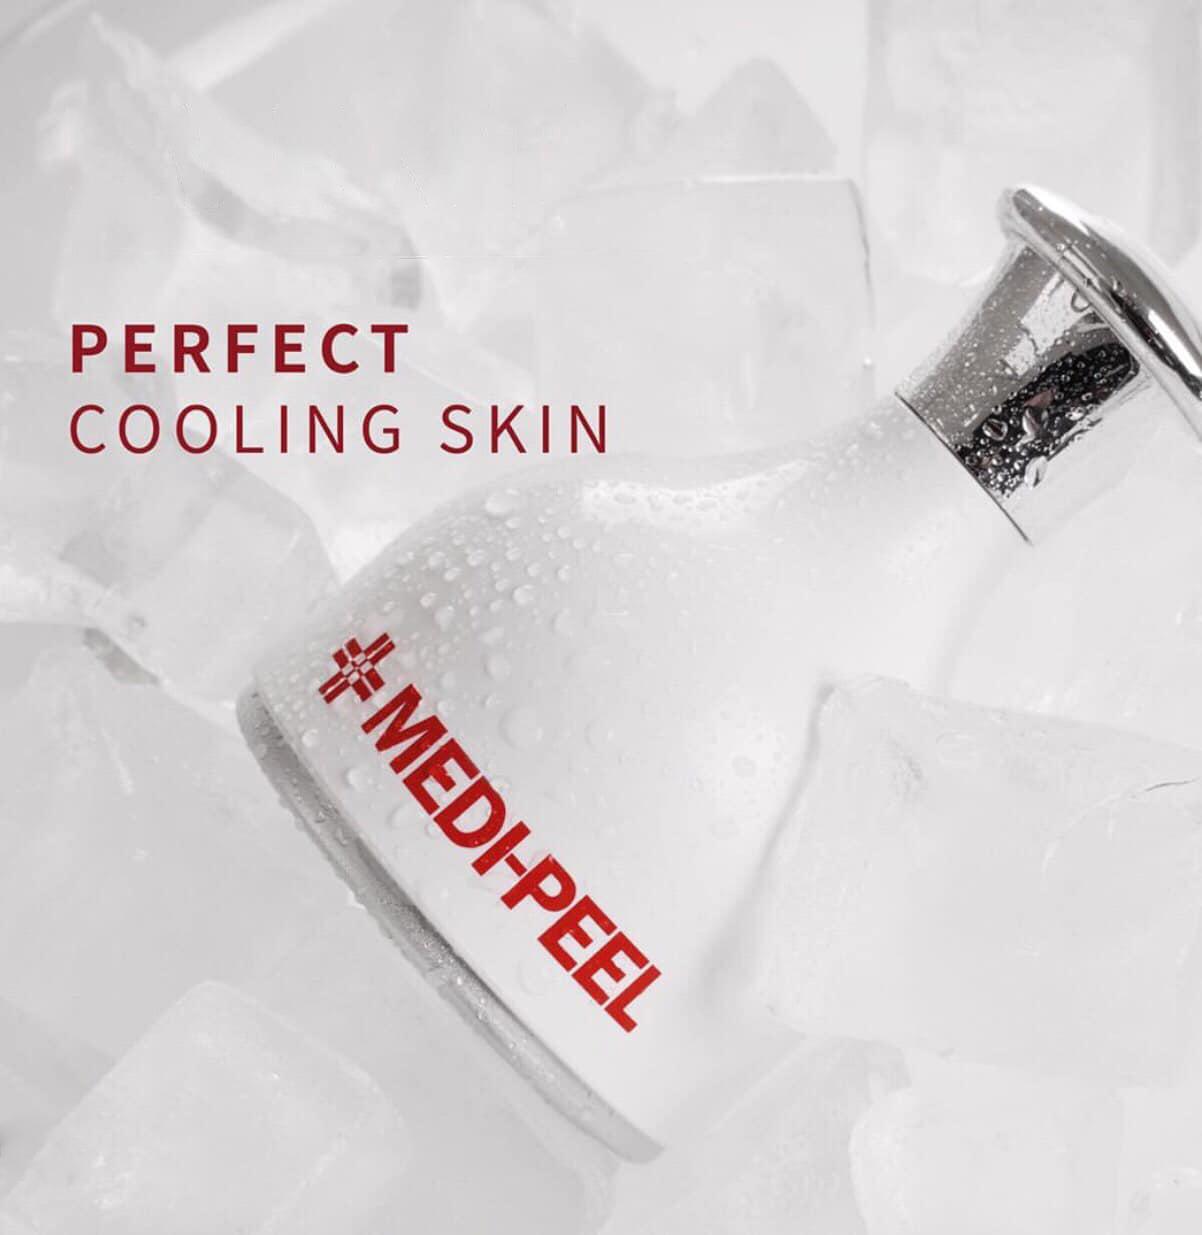 Thanh Lăn Đá Lạnh Medi-Peel 28 Days Cooling Skin